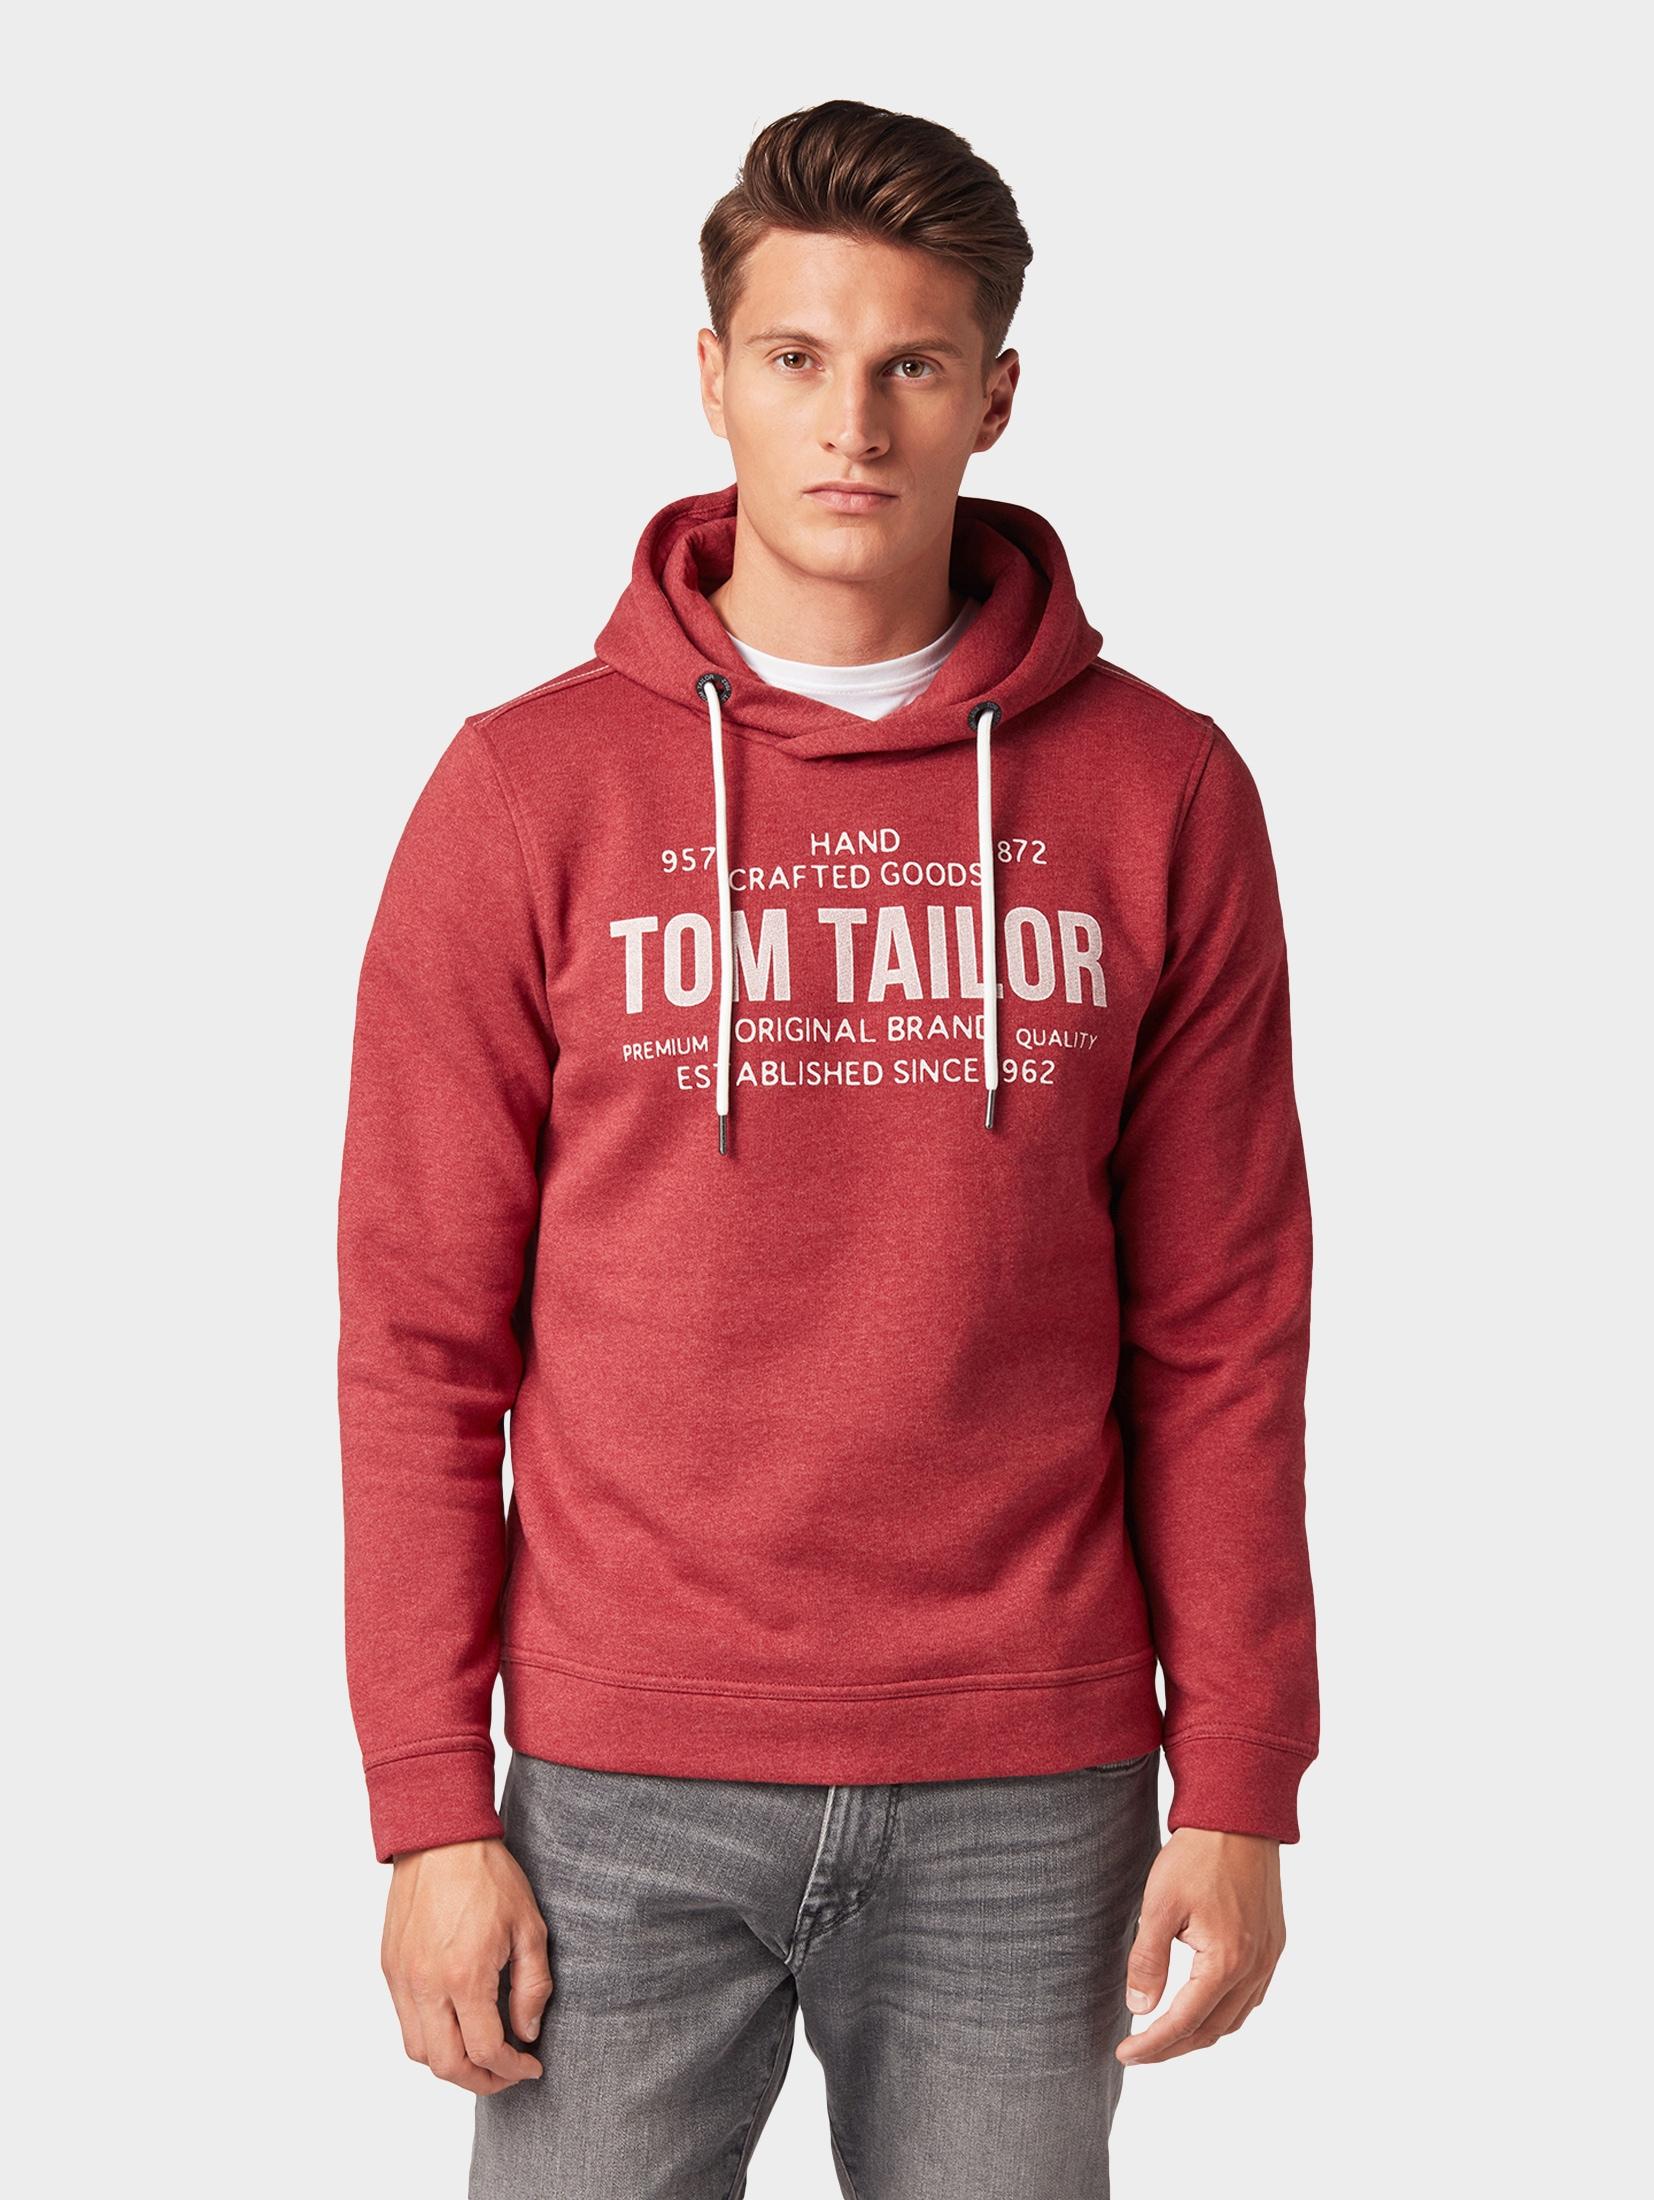 TOM TAILOR Hoodie Hoodie mit Print | Bekleidung | Tom Tailor